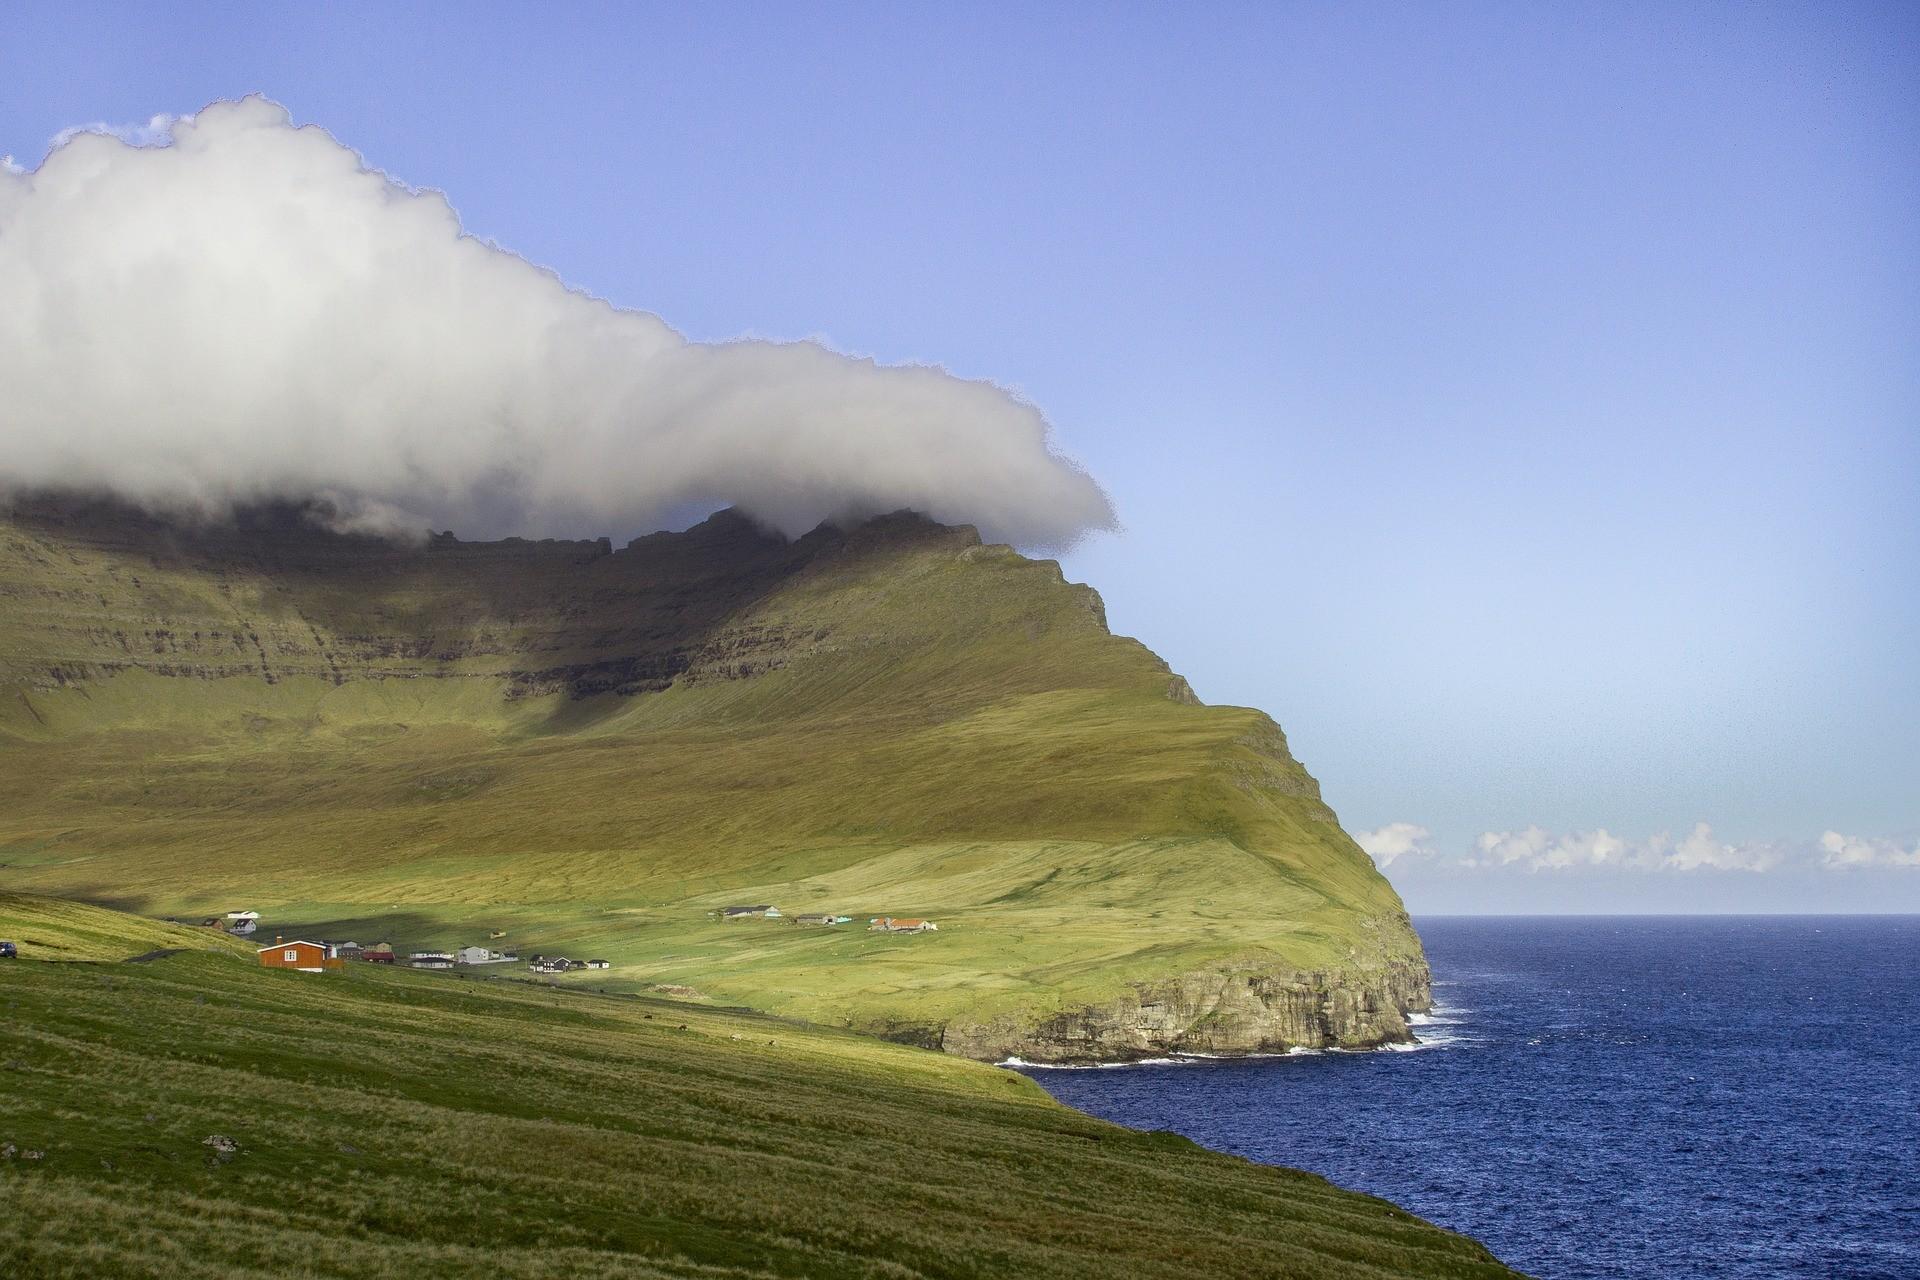 chmura nad wyspą